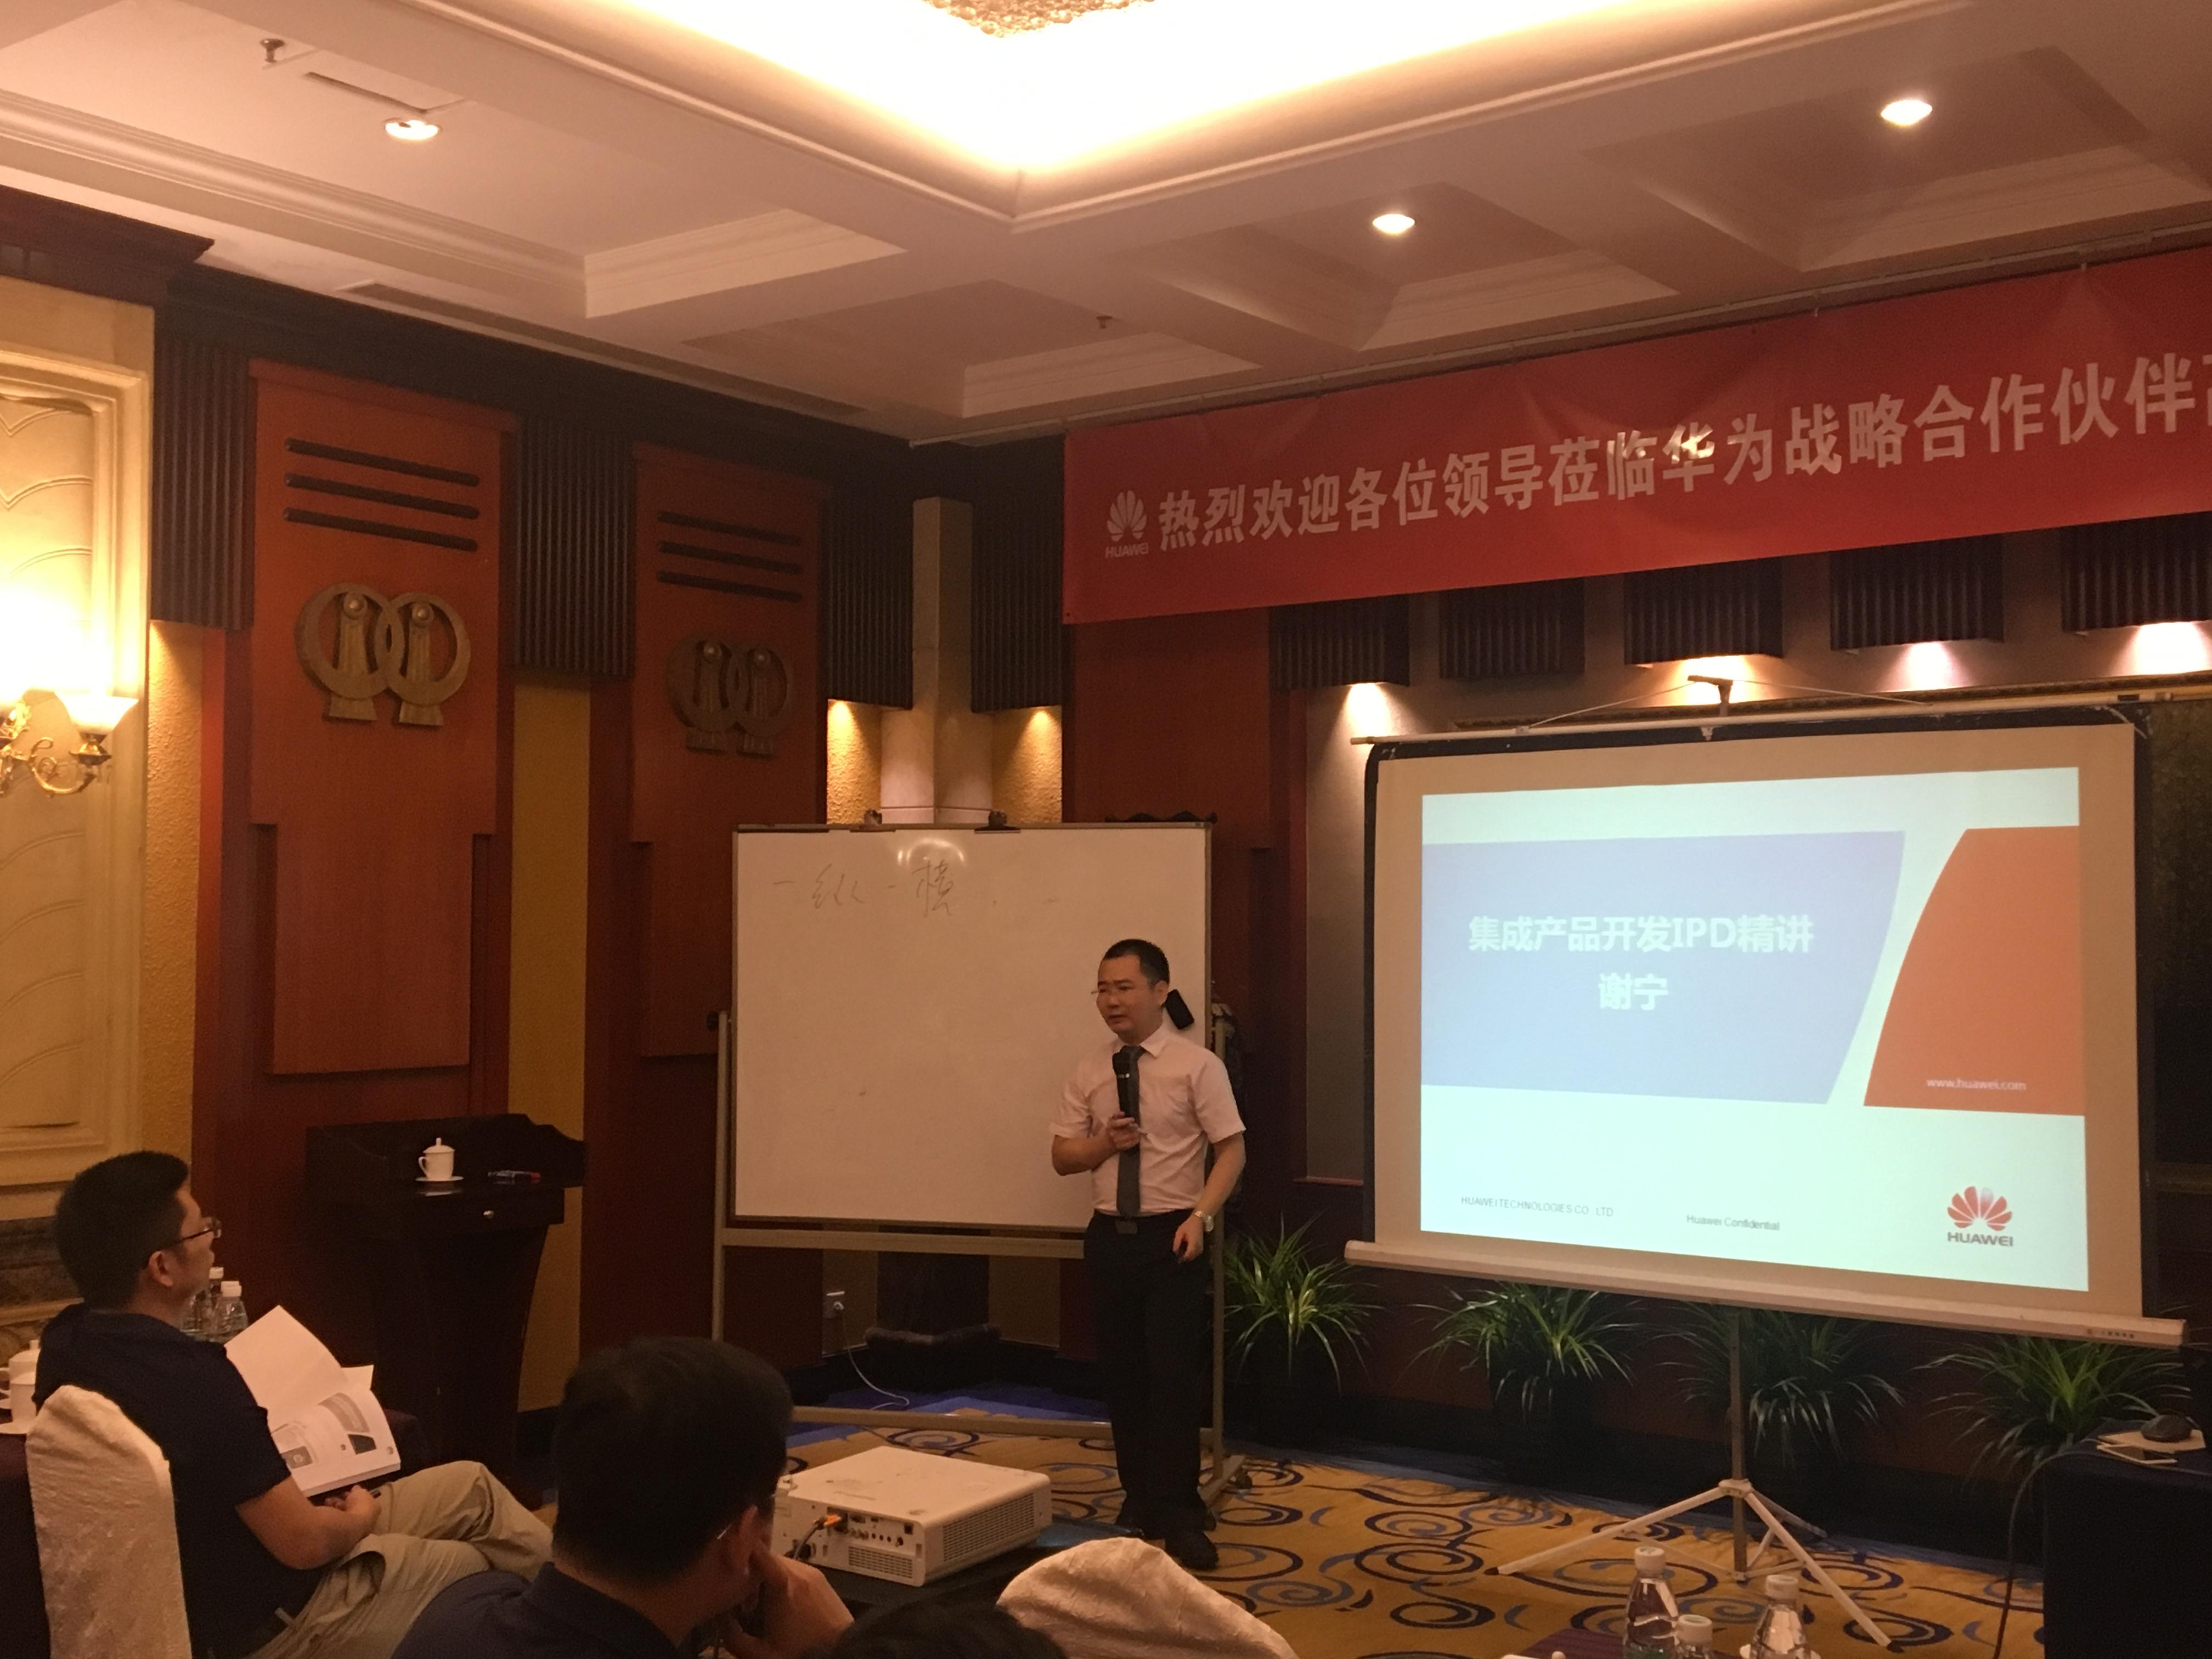 基于集成产品开发IPD的研发项目管理实战演练课程大纲-谢宁老师